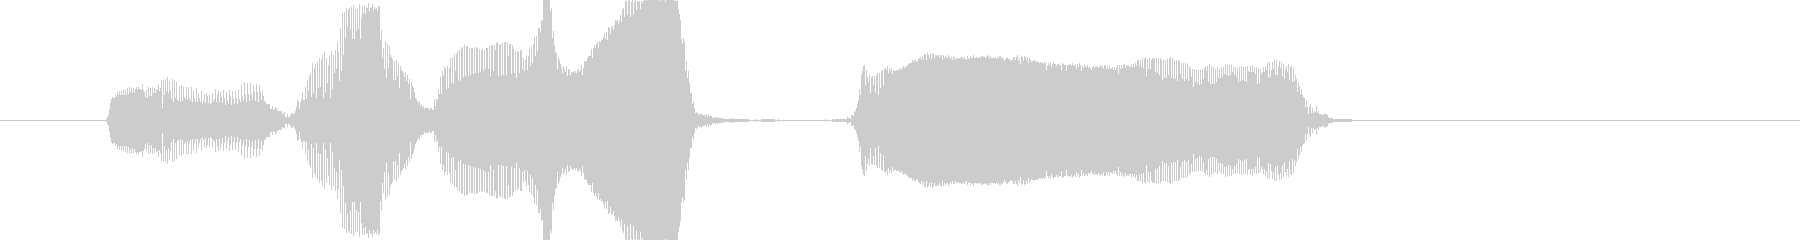 レベルアップー!の未再生の波形